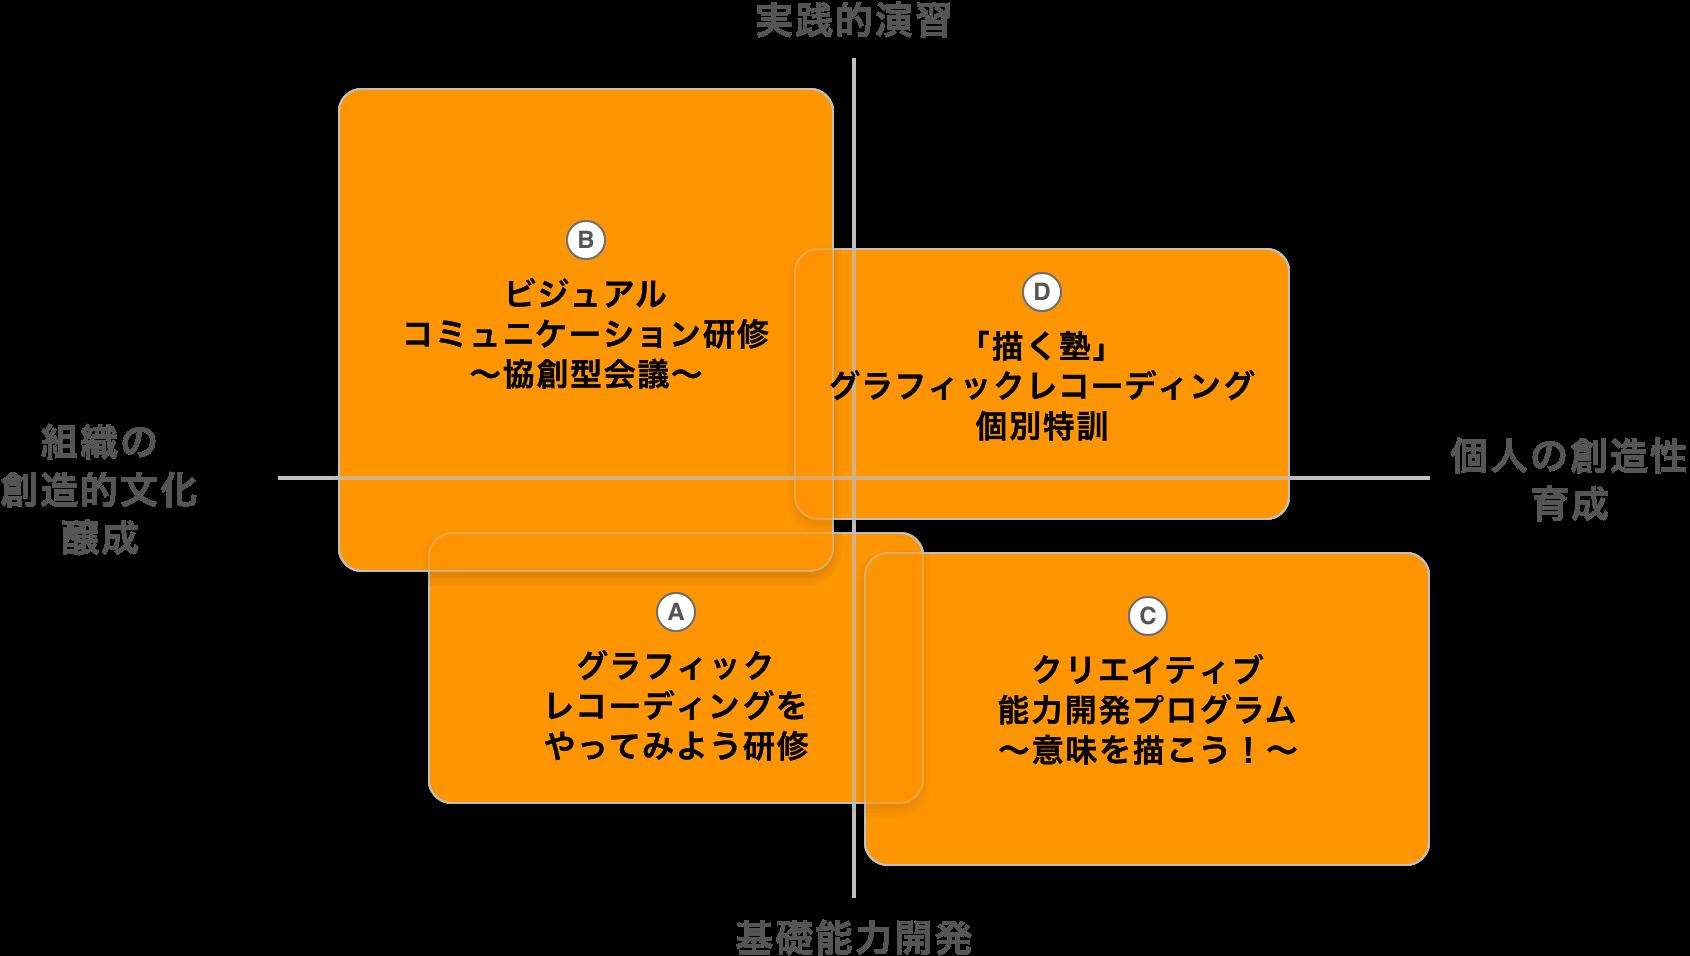 クリエイティブ研修の例のイメージ